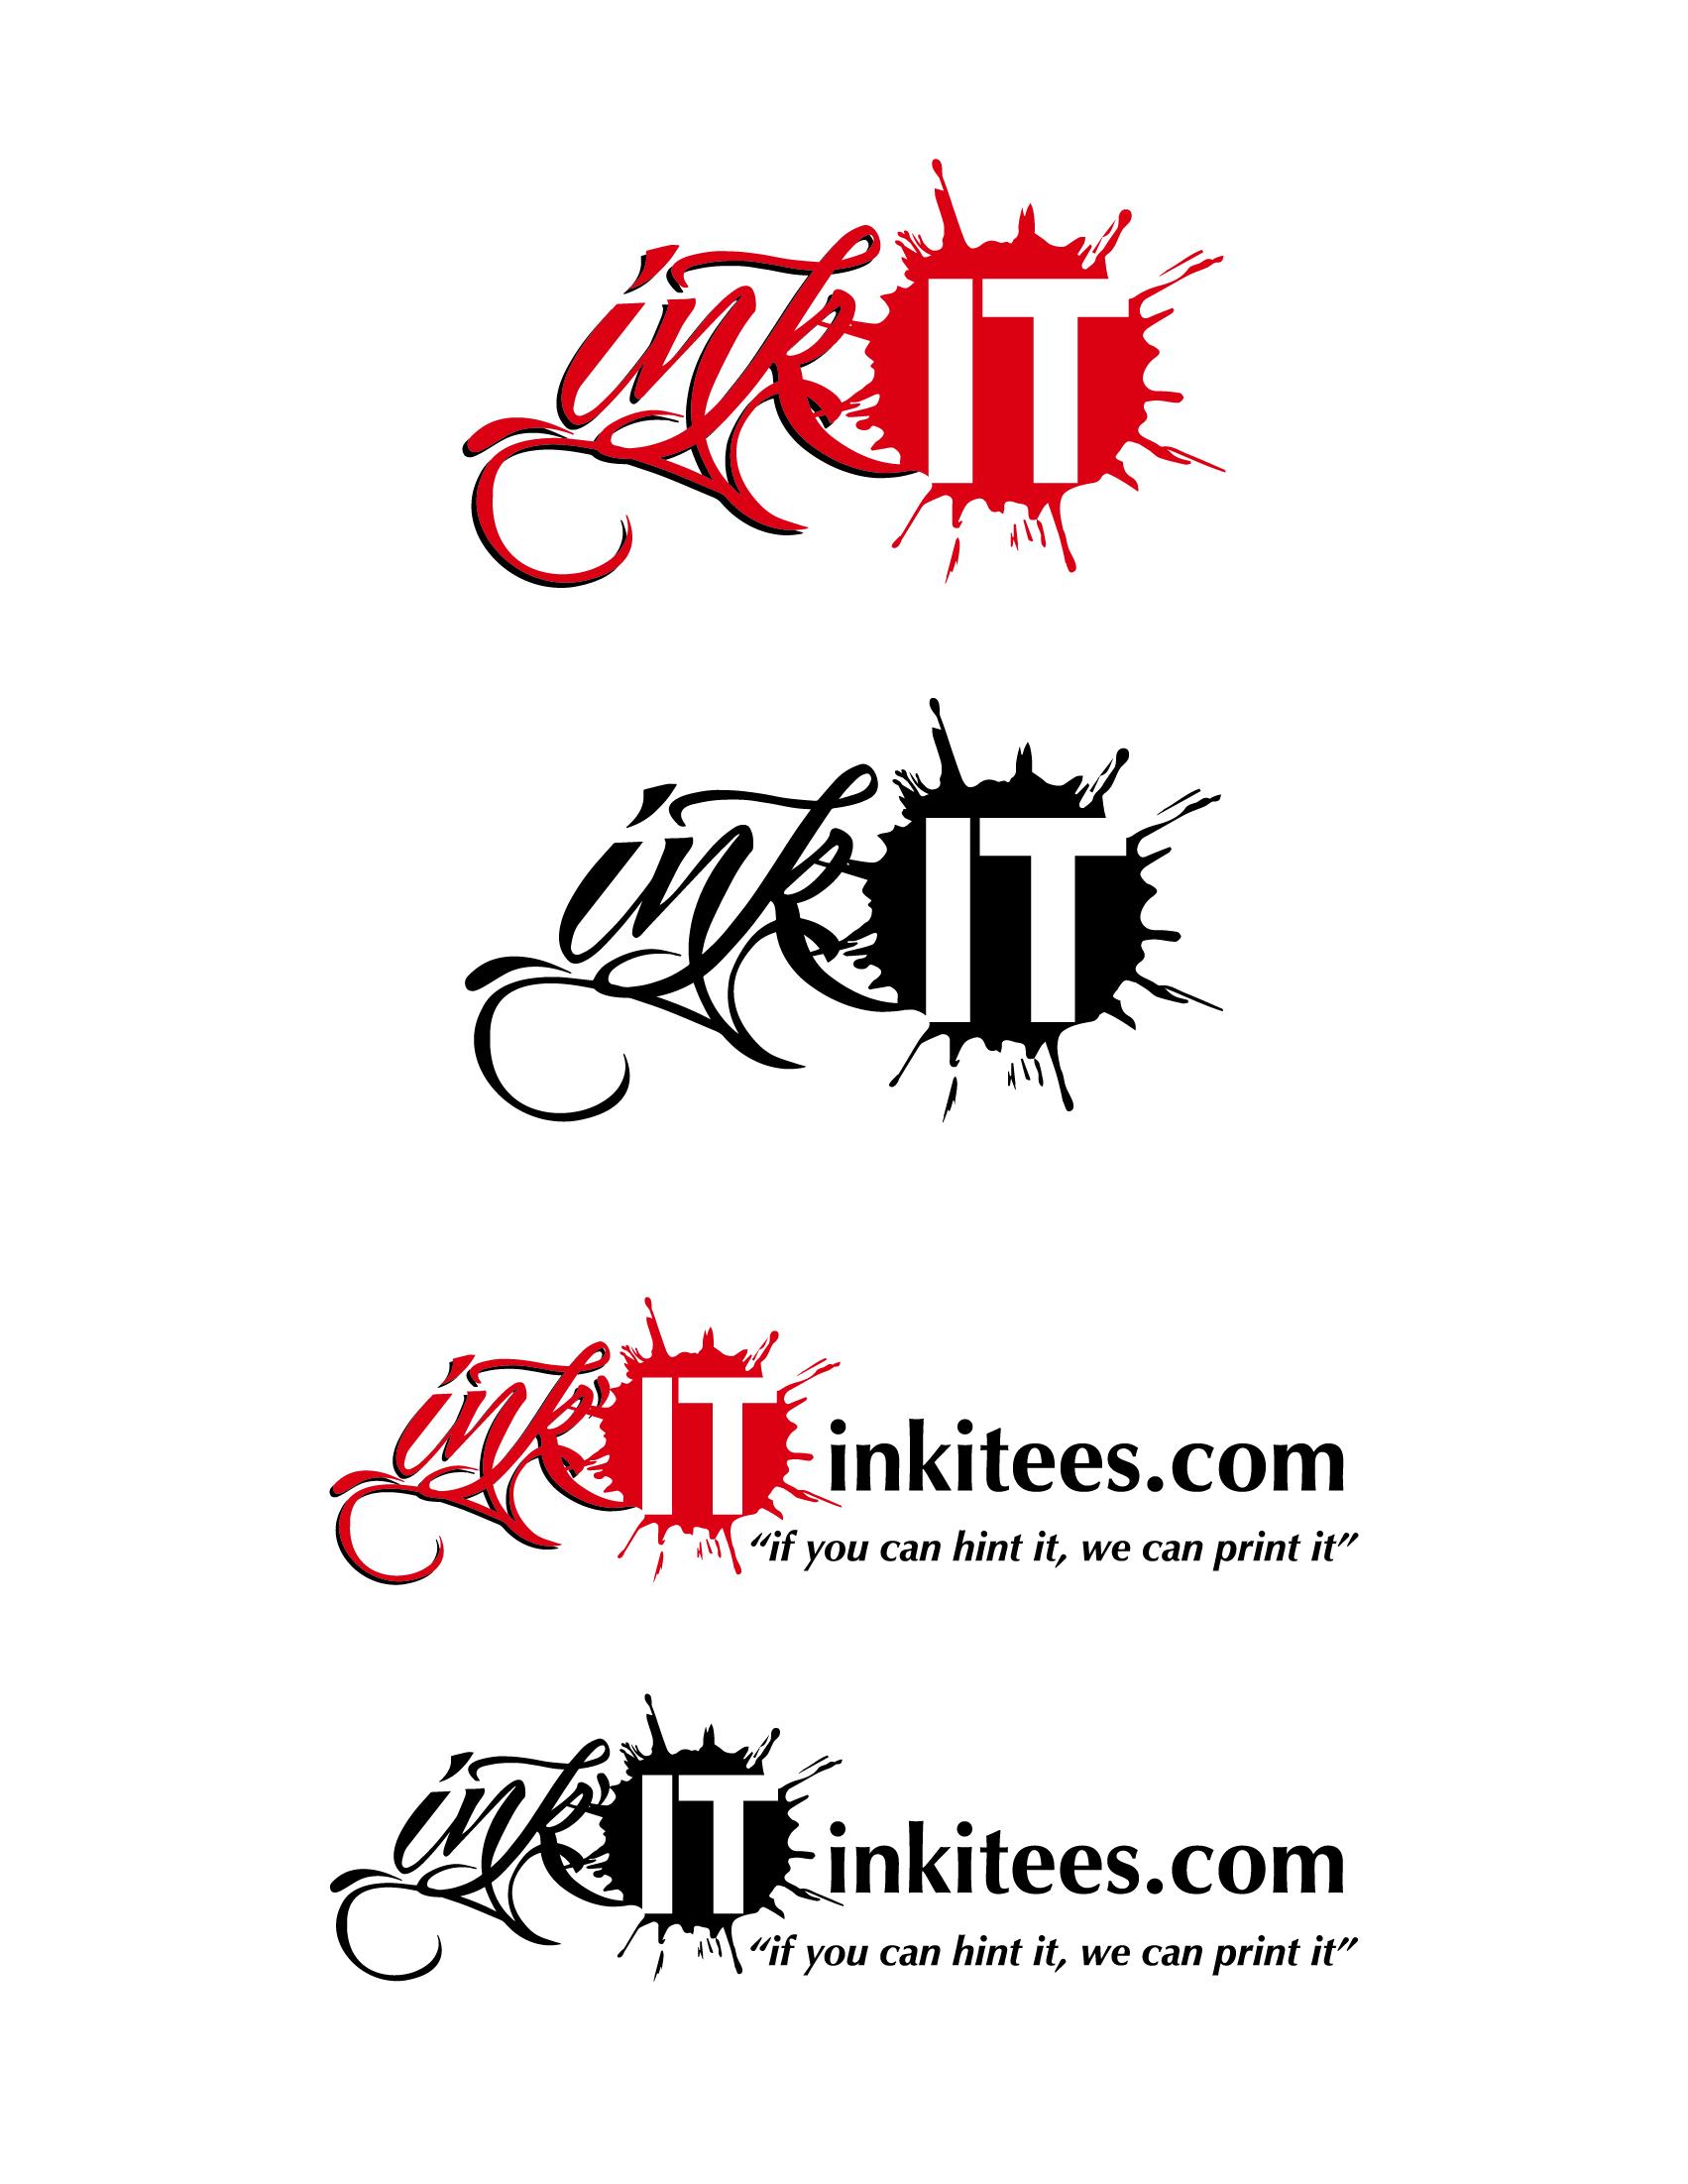 INK IT logo 2.jpg